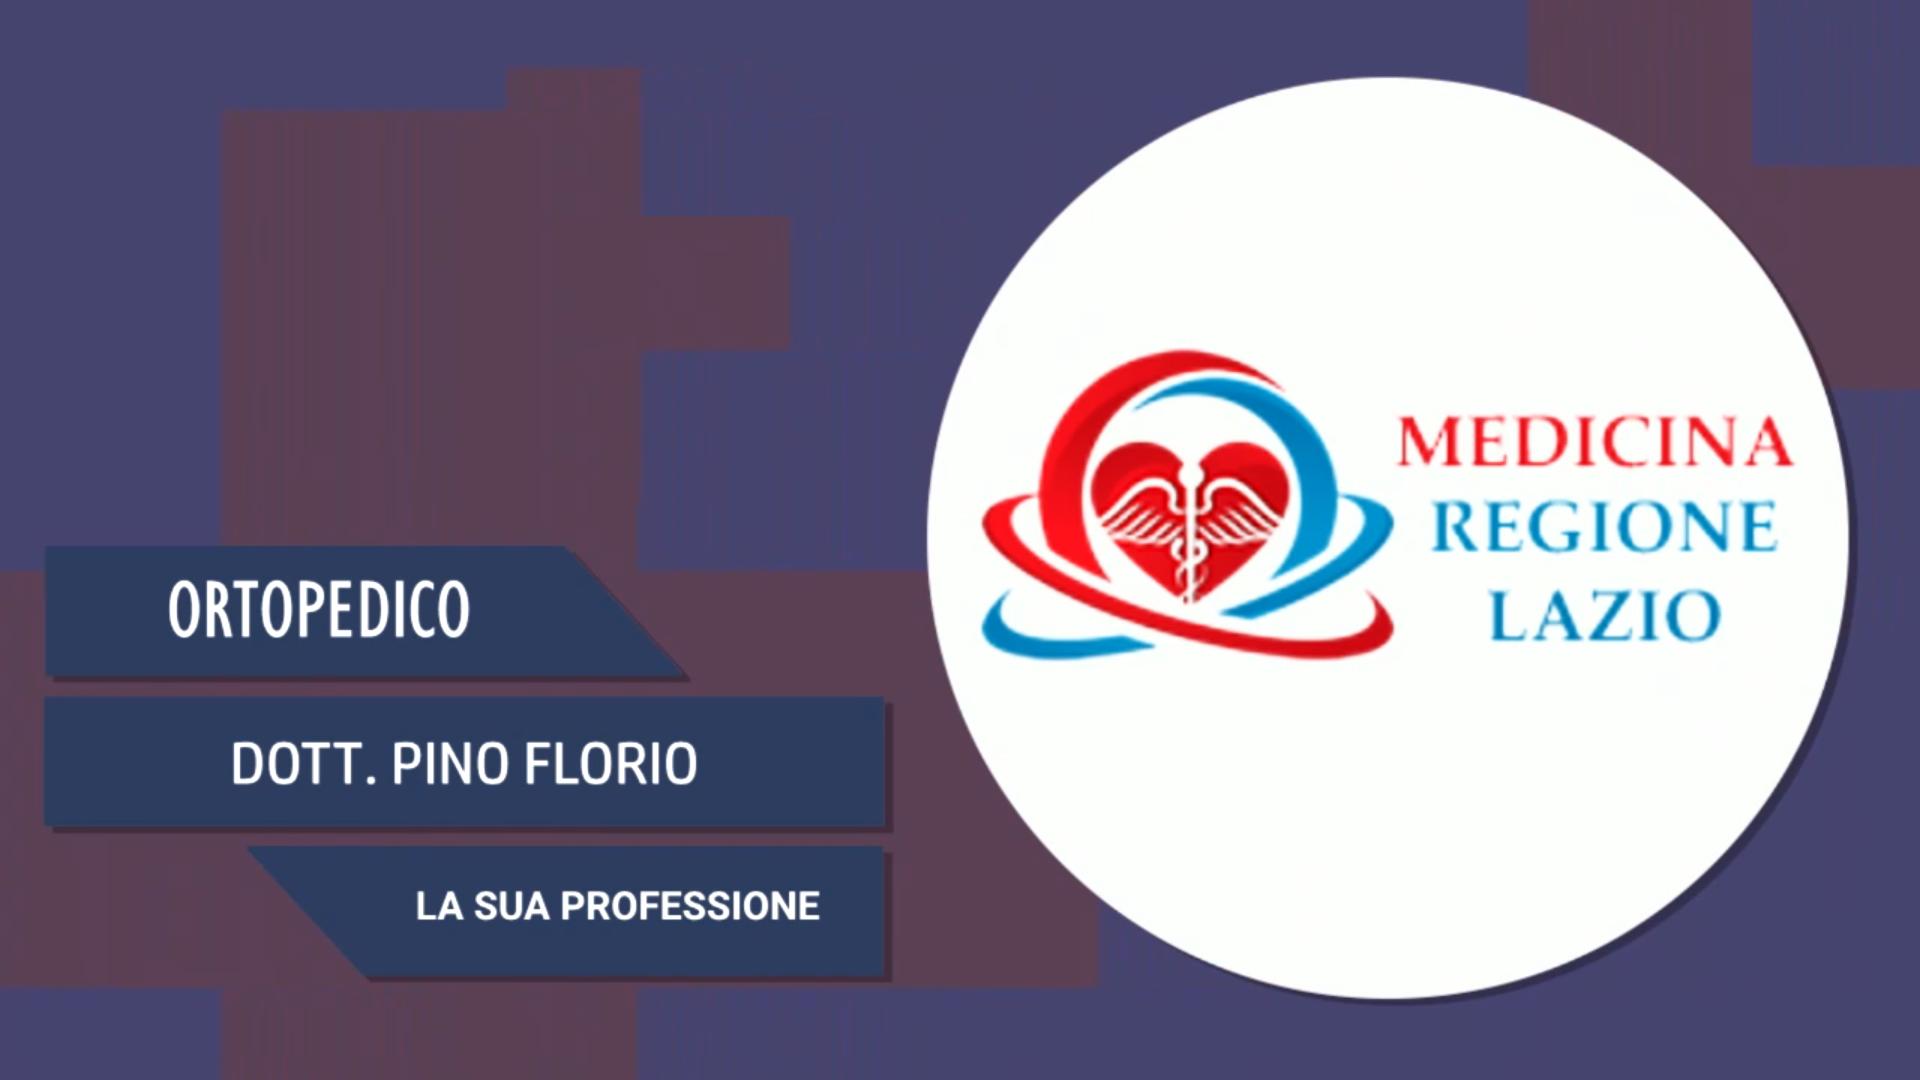 Intervista al Dott. Pino Florio – La sua professione